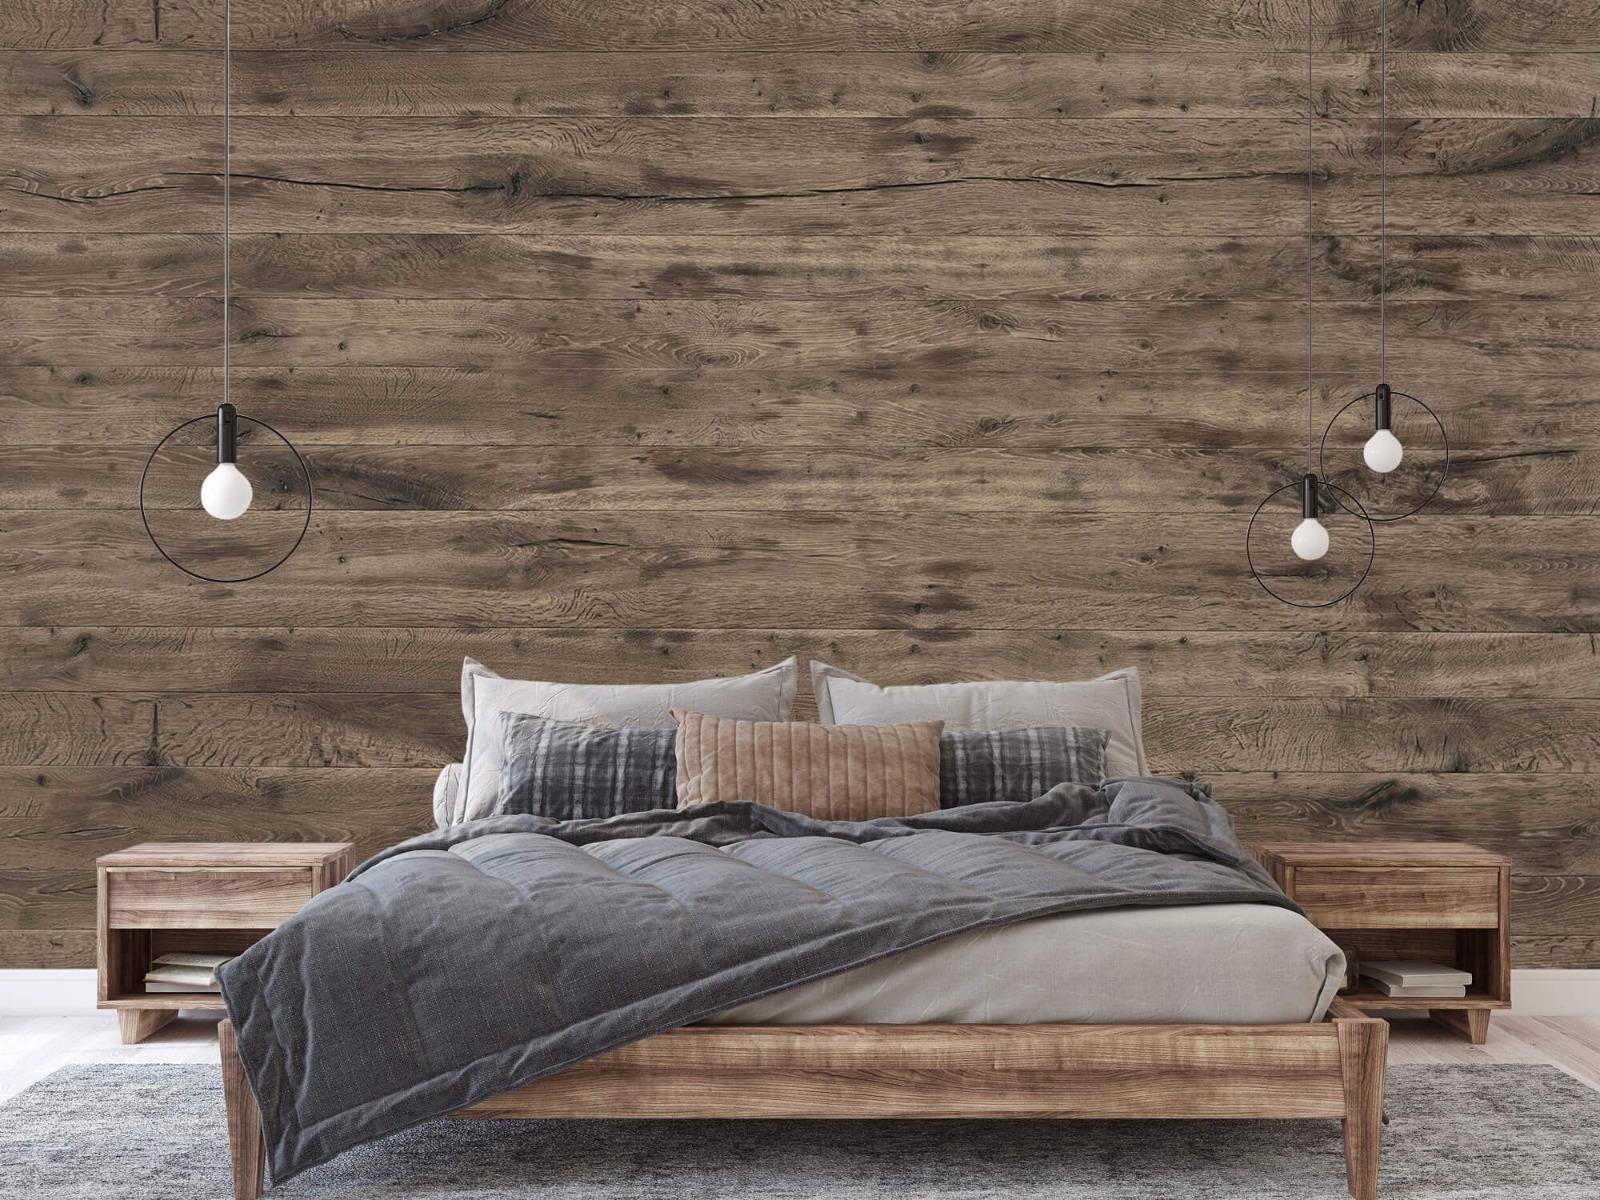 Hout behang - Rustieke houten planken - Garage 2